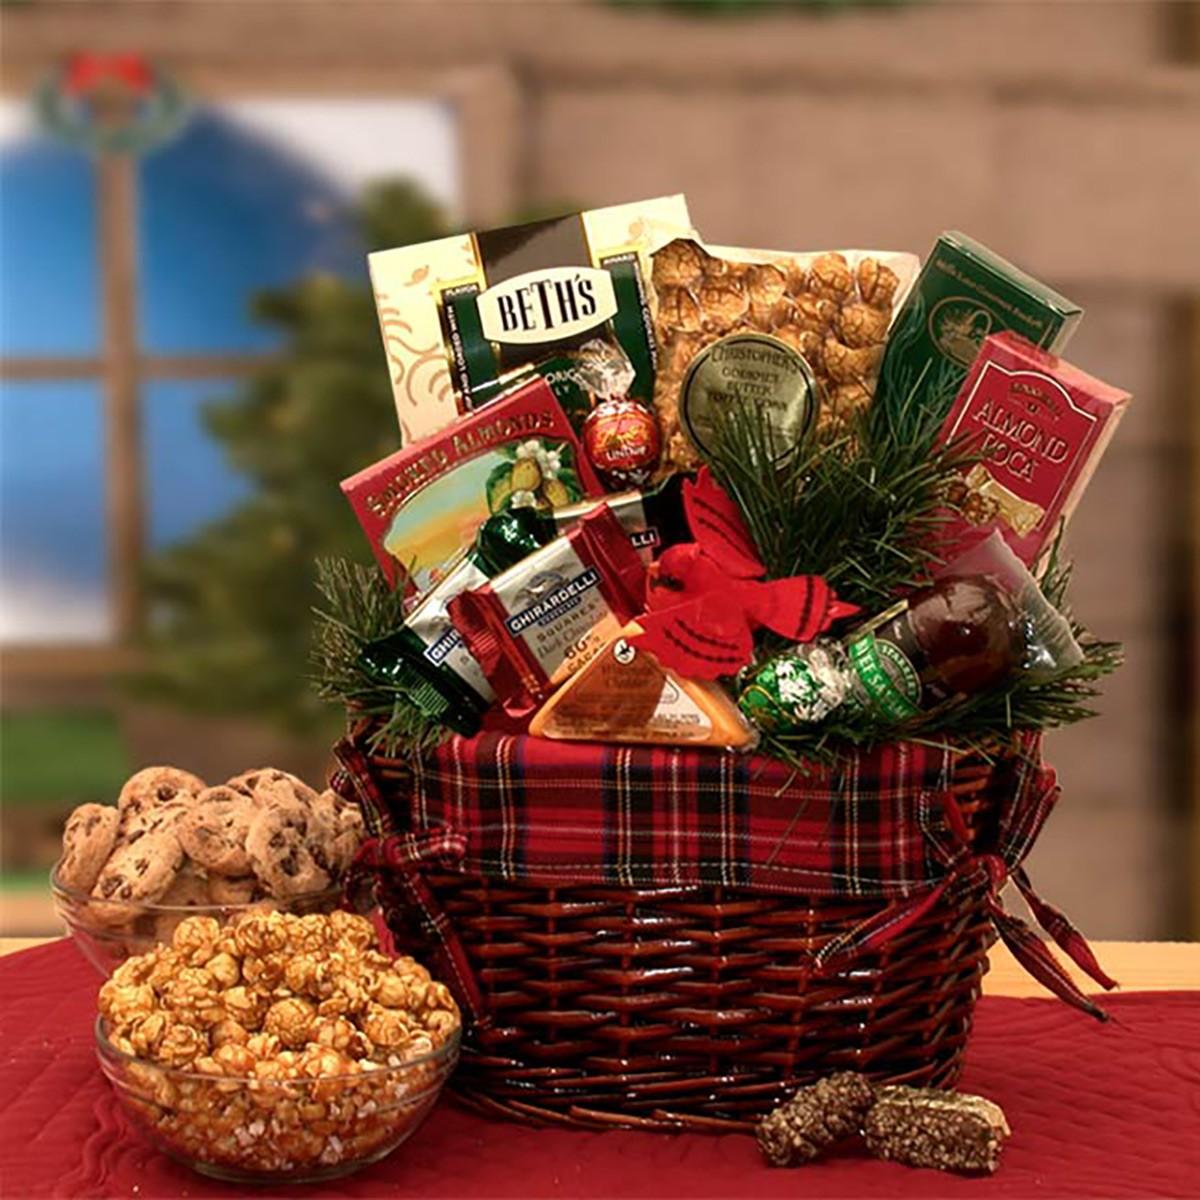 Comment faire in paquet cadeau original: remplissez un panier avec des petits gourmandises!